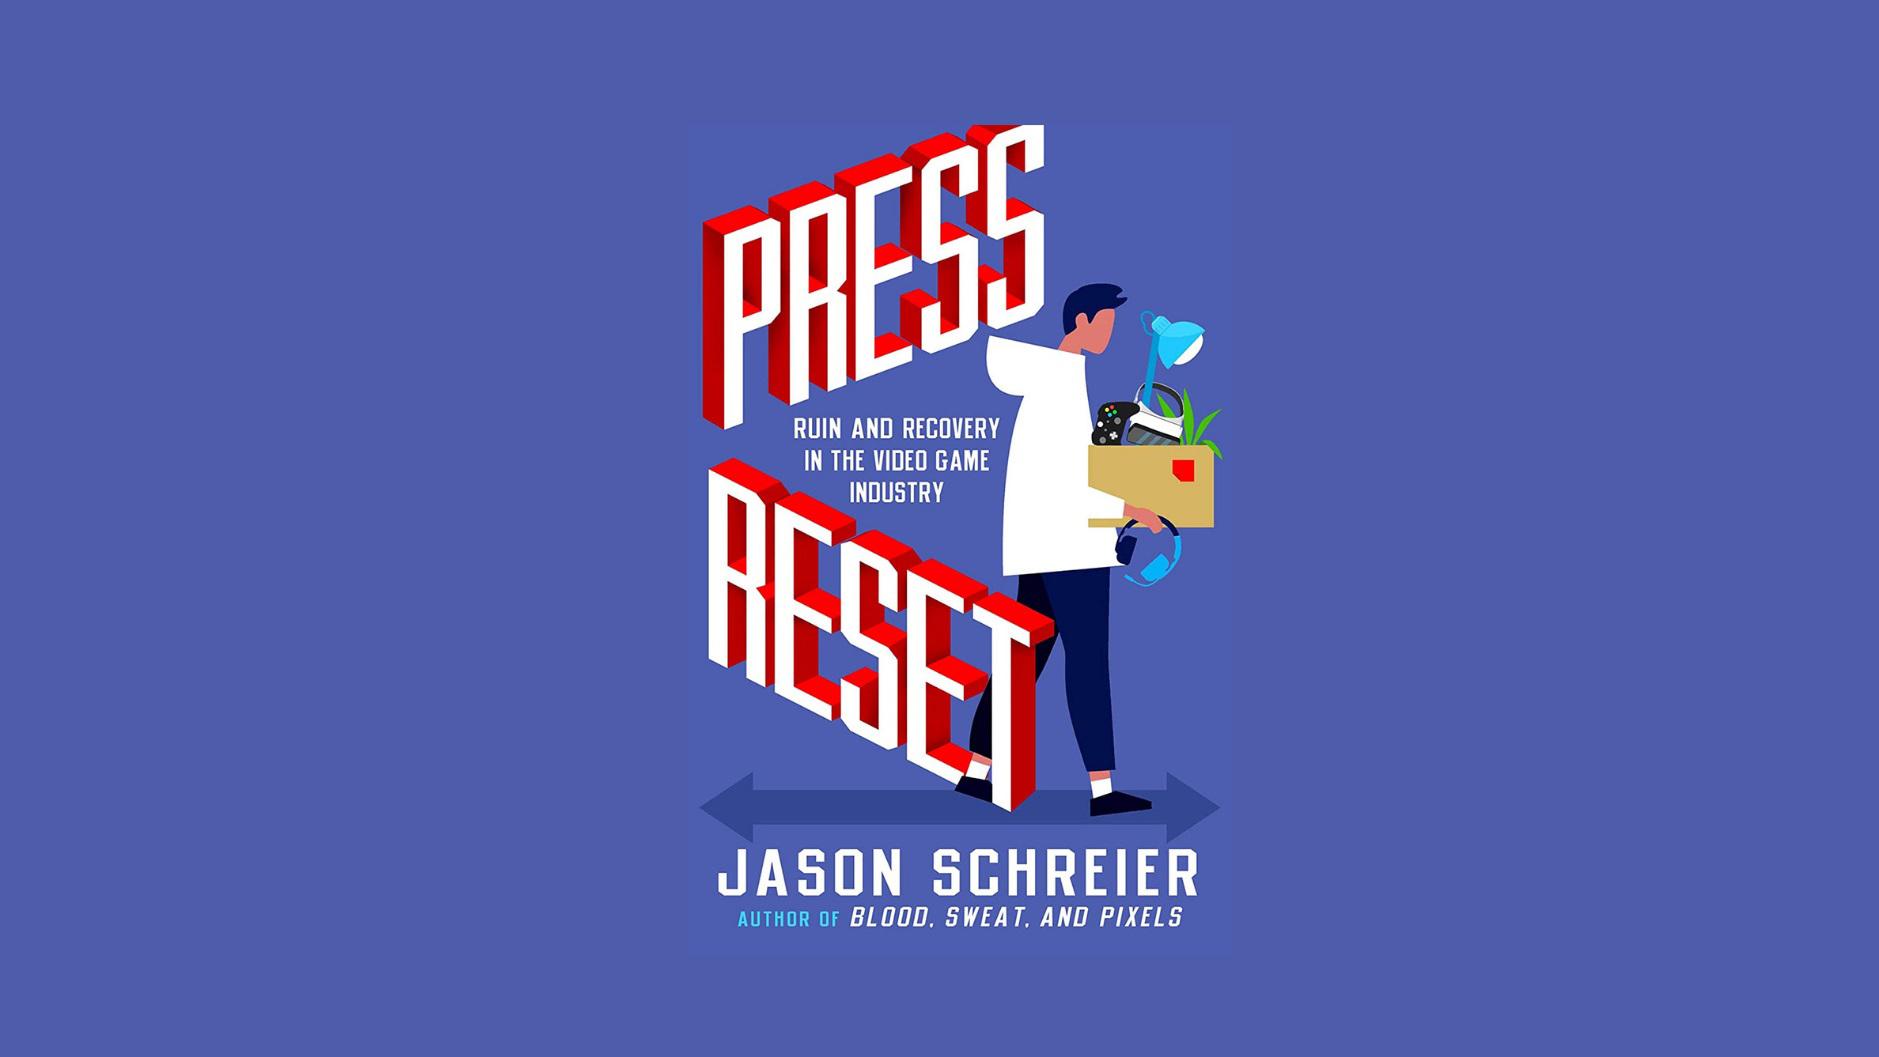 Увольнения одним днем и разработка видеоигр в самолетном ангаре: о чем книга Джейсона Шрайера «Нажми Reset»